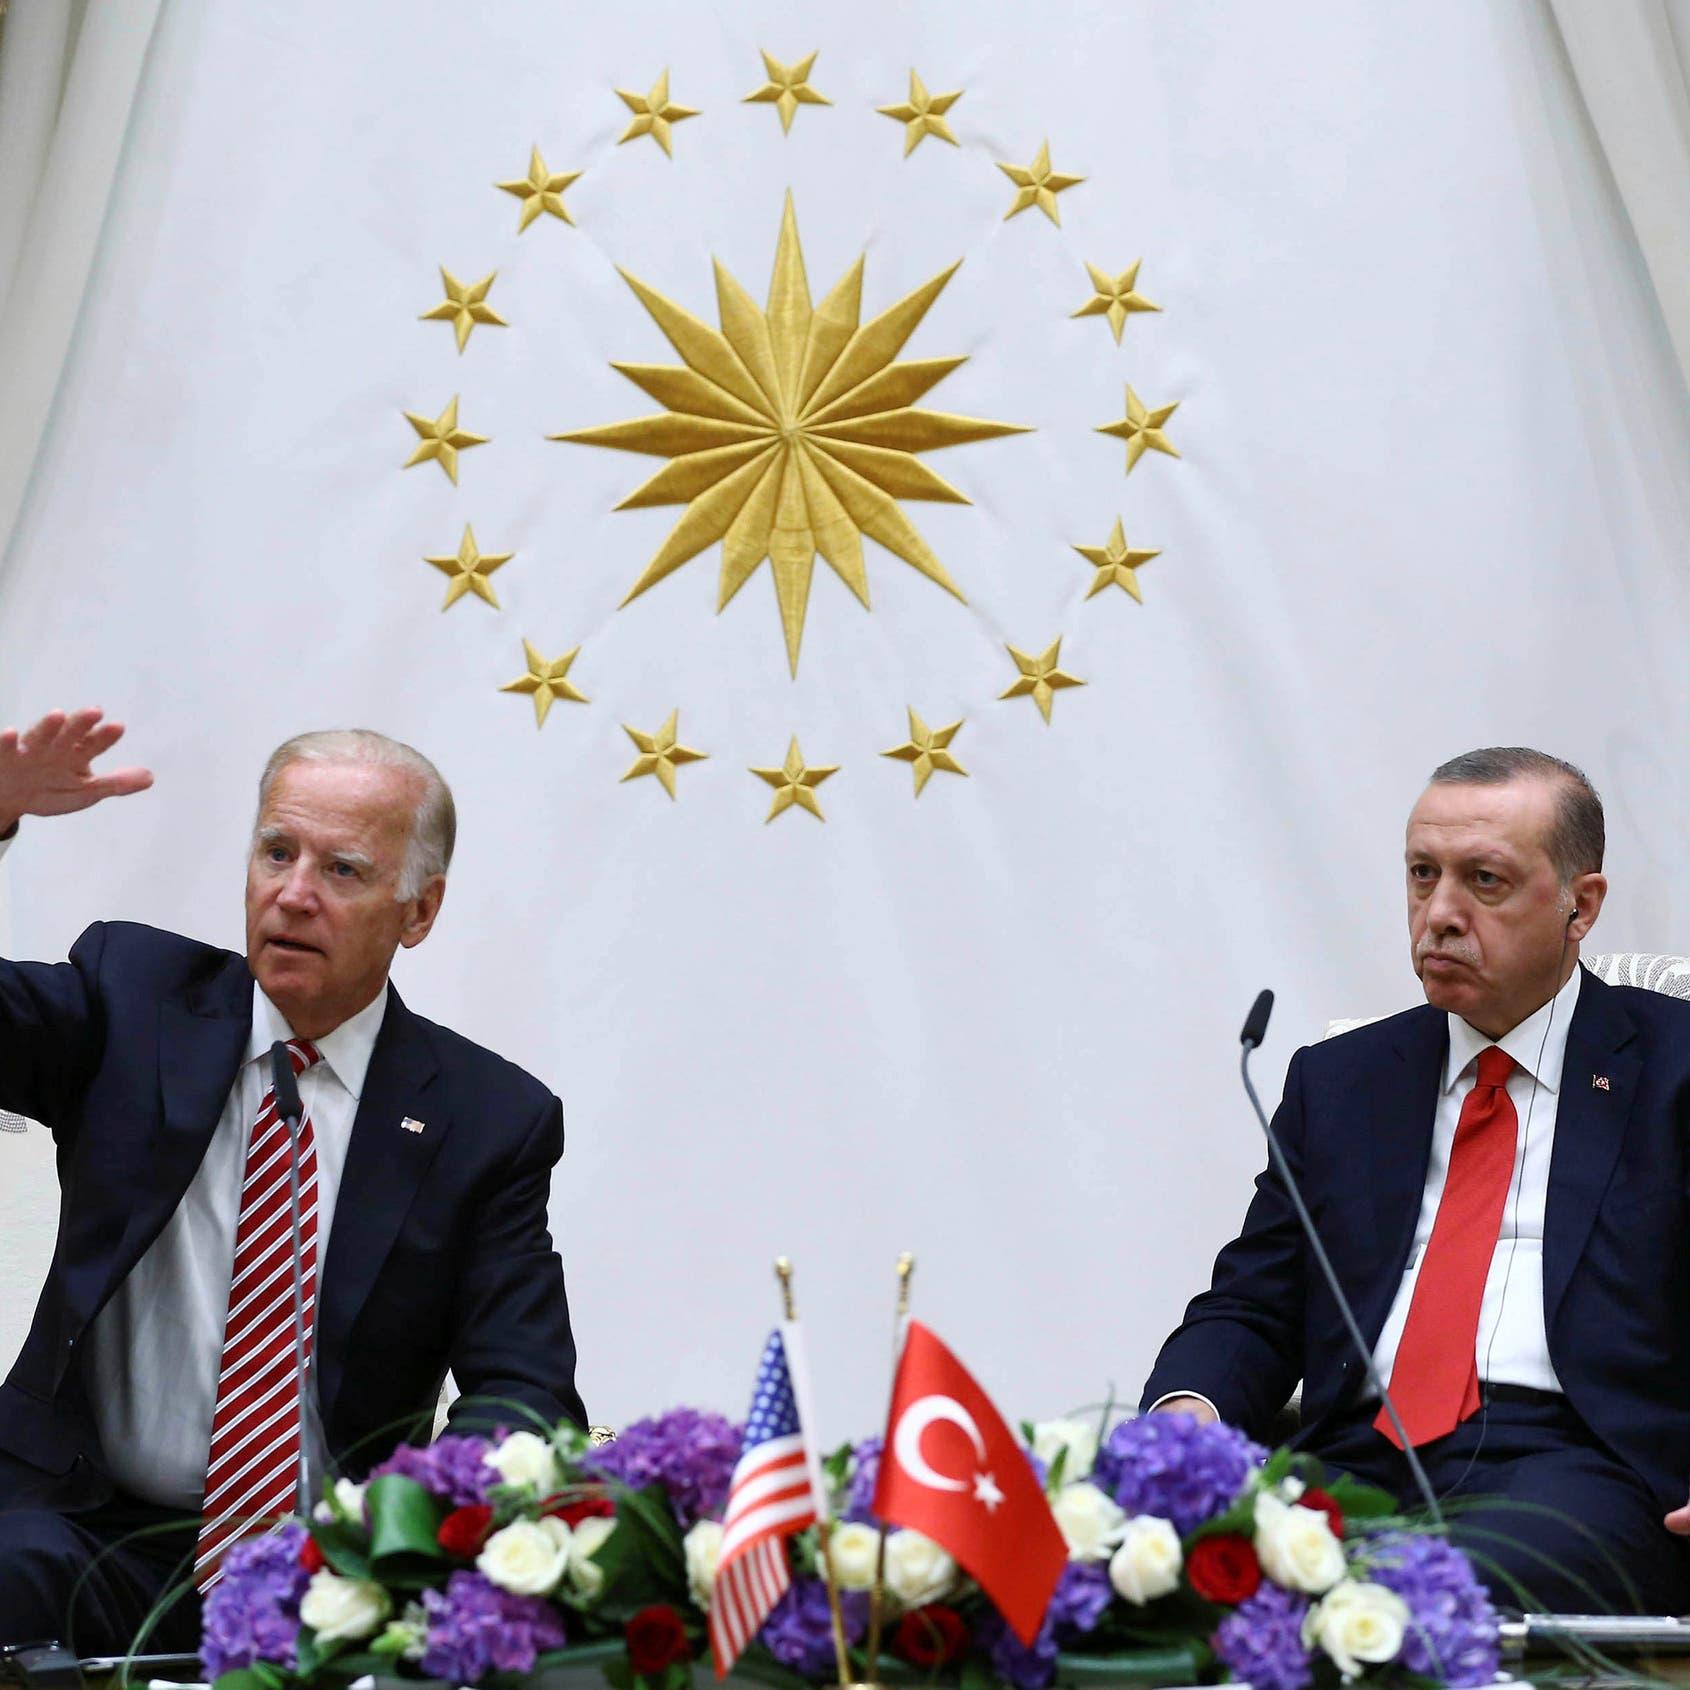 """فيديو قديم يثير غضب أنقرة.. بايدن عن أردوغان: """"مستبد"""""""